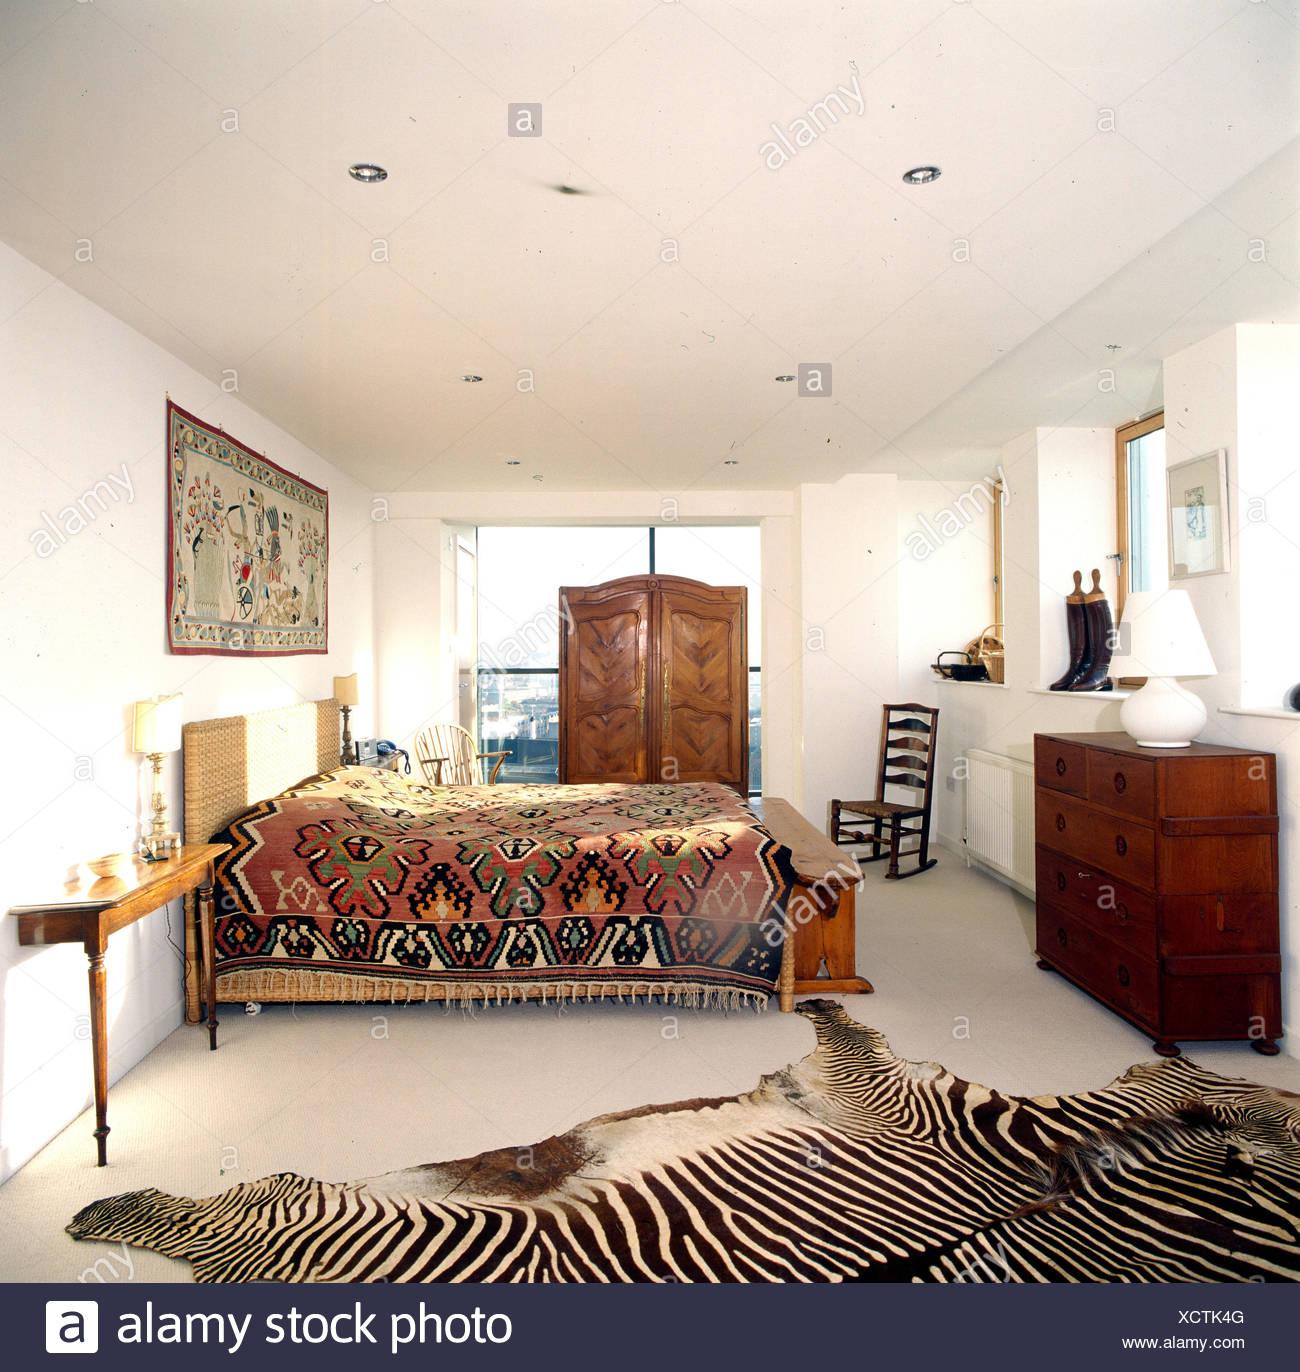 Bedroom Zebra Jarrah Bedroom Furniture Bedroom Bay Window Seat Bedroom Roof Ceiling Design: Zebra Skin Rug In Modern Bedroom With Traditional